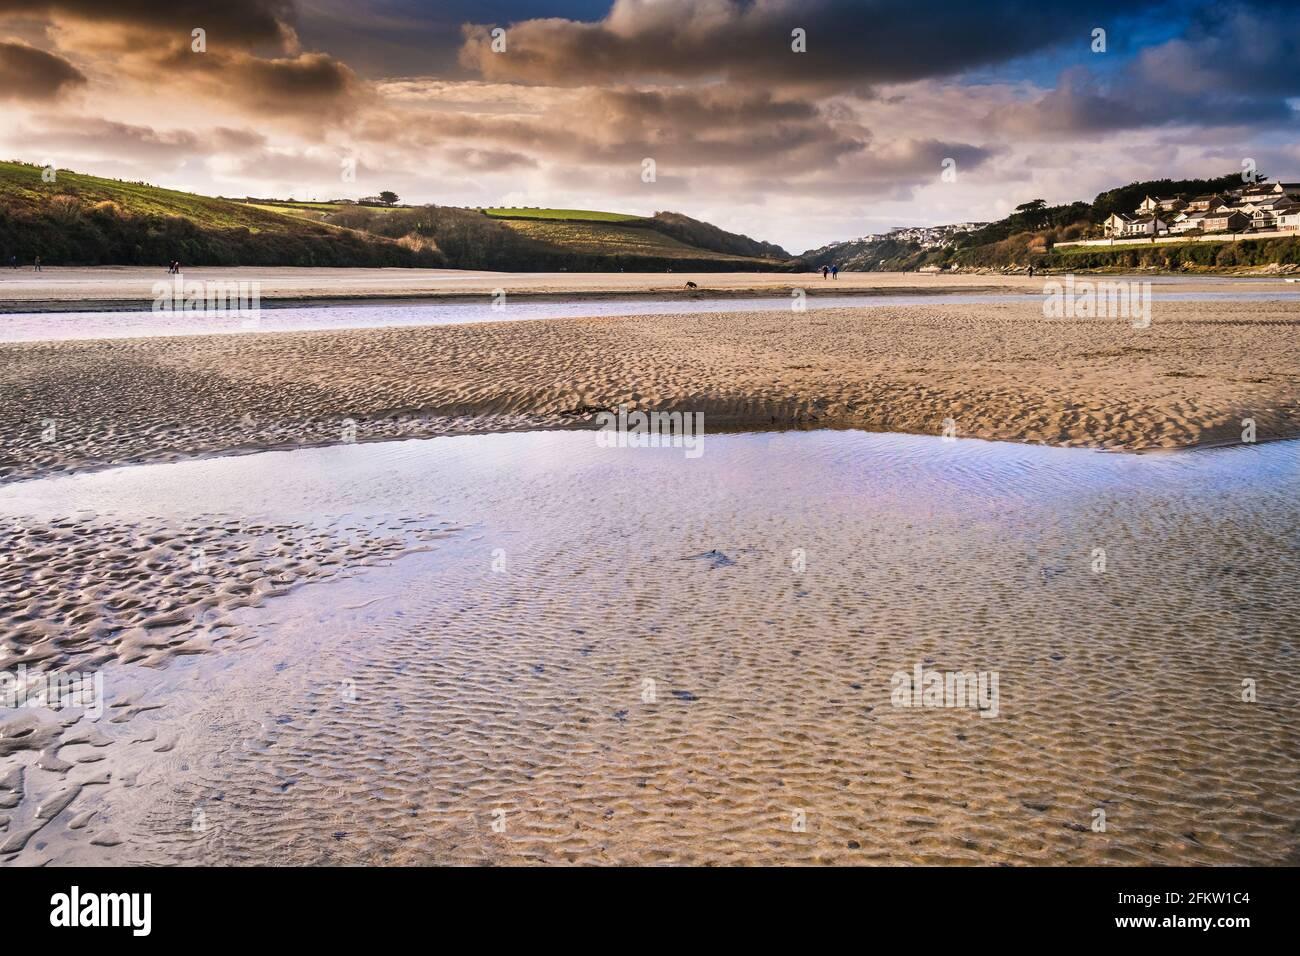 El Río Gannel en marea baja en Newquay en Cornualles. Foto de stock